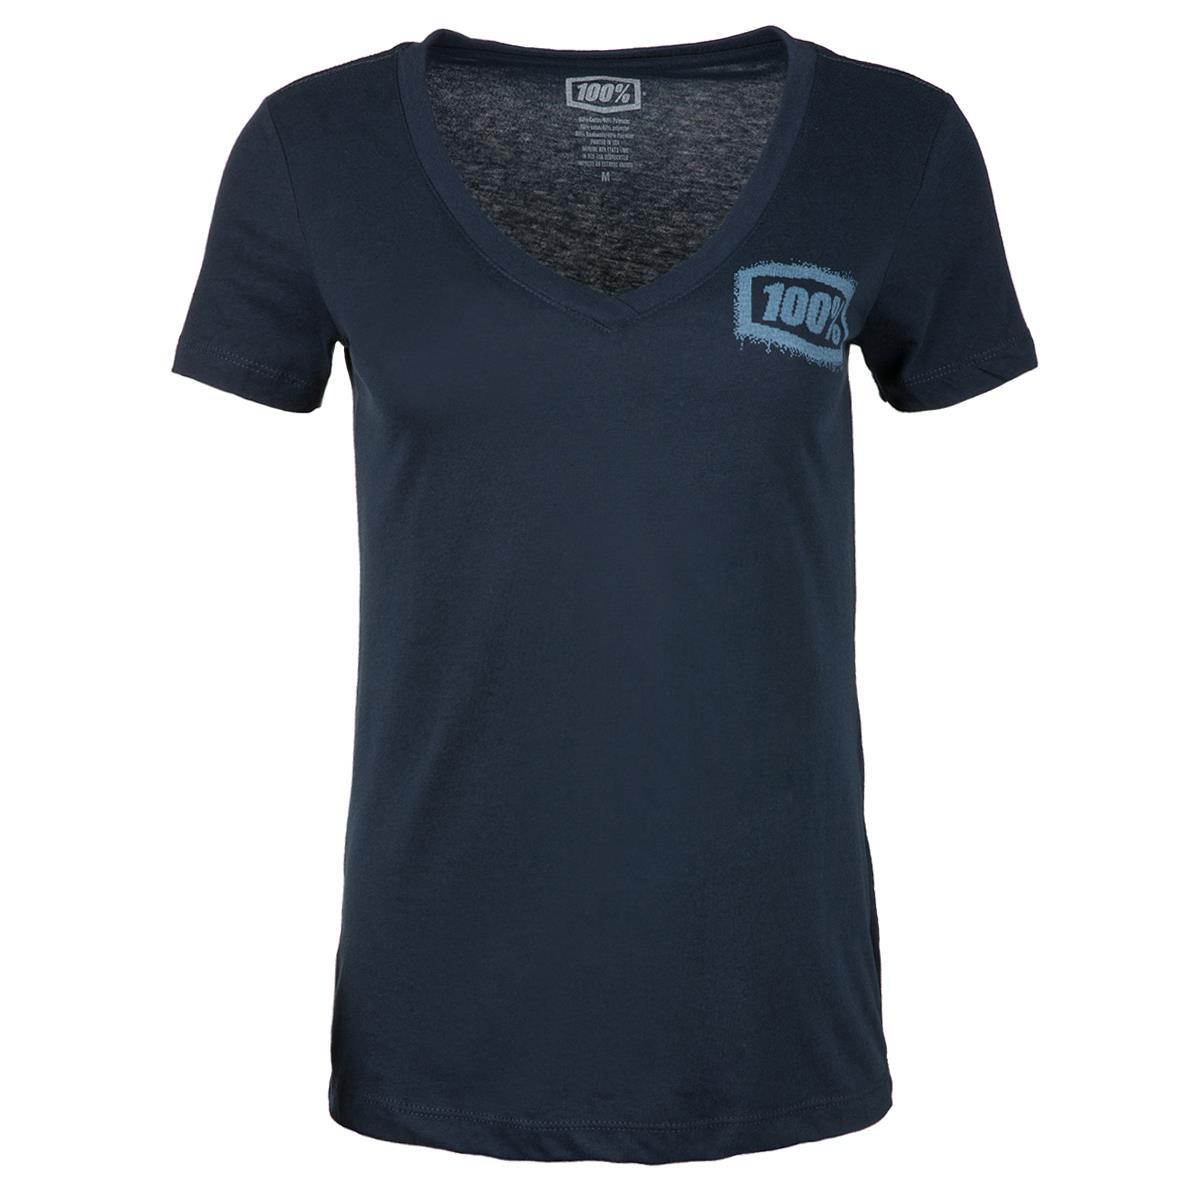 100% Girls T-Shirt Positive Navy Heather